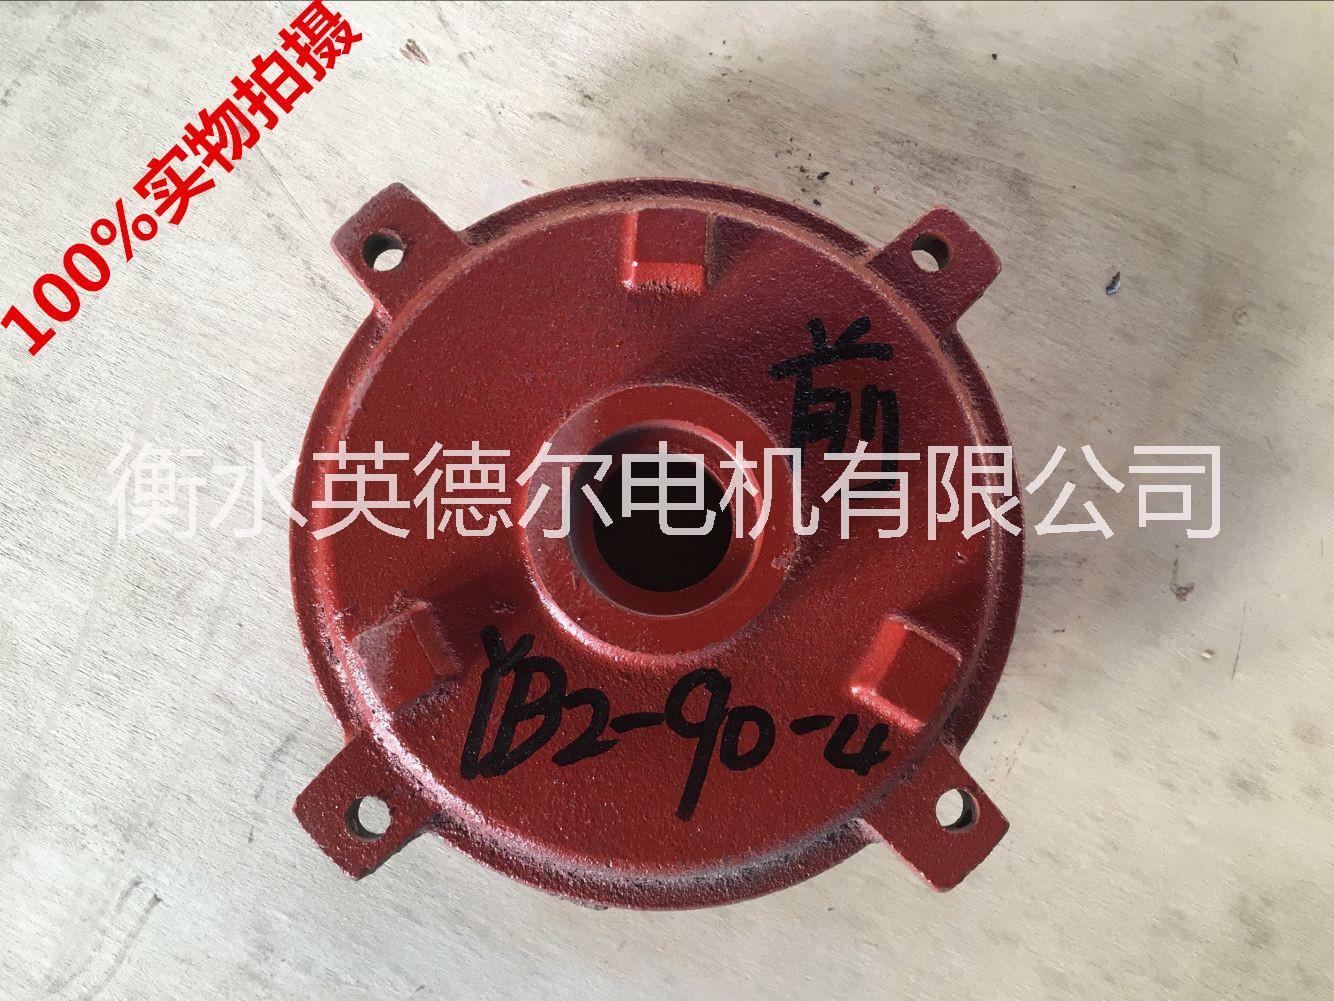 生产销售 YB2-90-4电机前端盖标准或者异性欢迎广大朋友洽谈